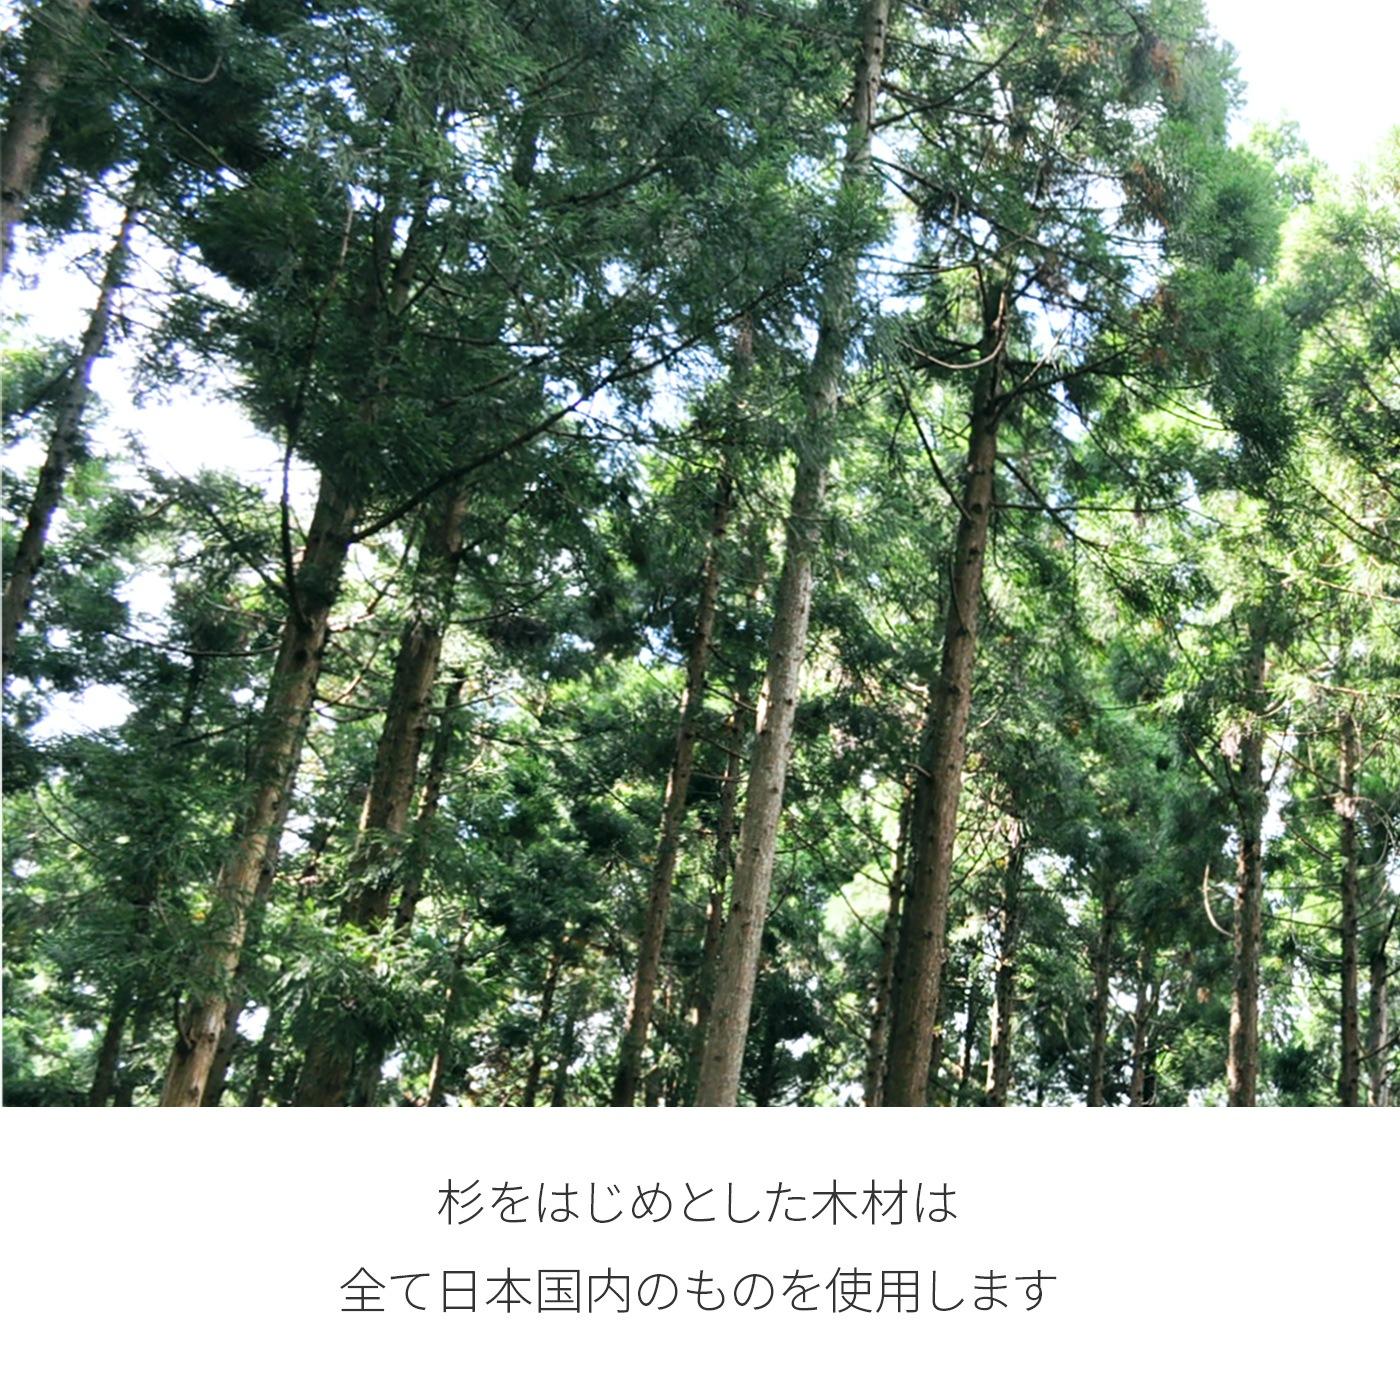 杉をはじめとした木材は全て日本国内のものを使用します